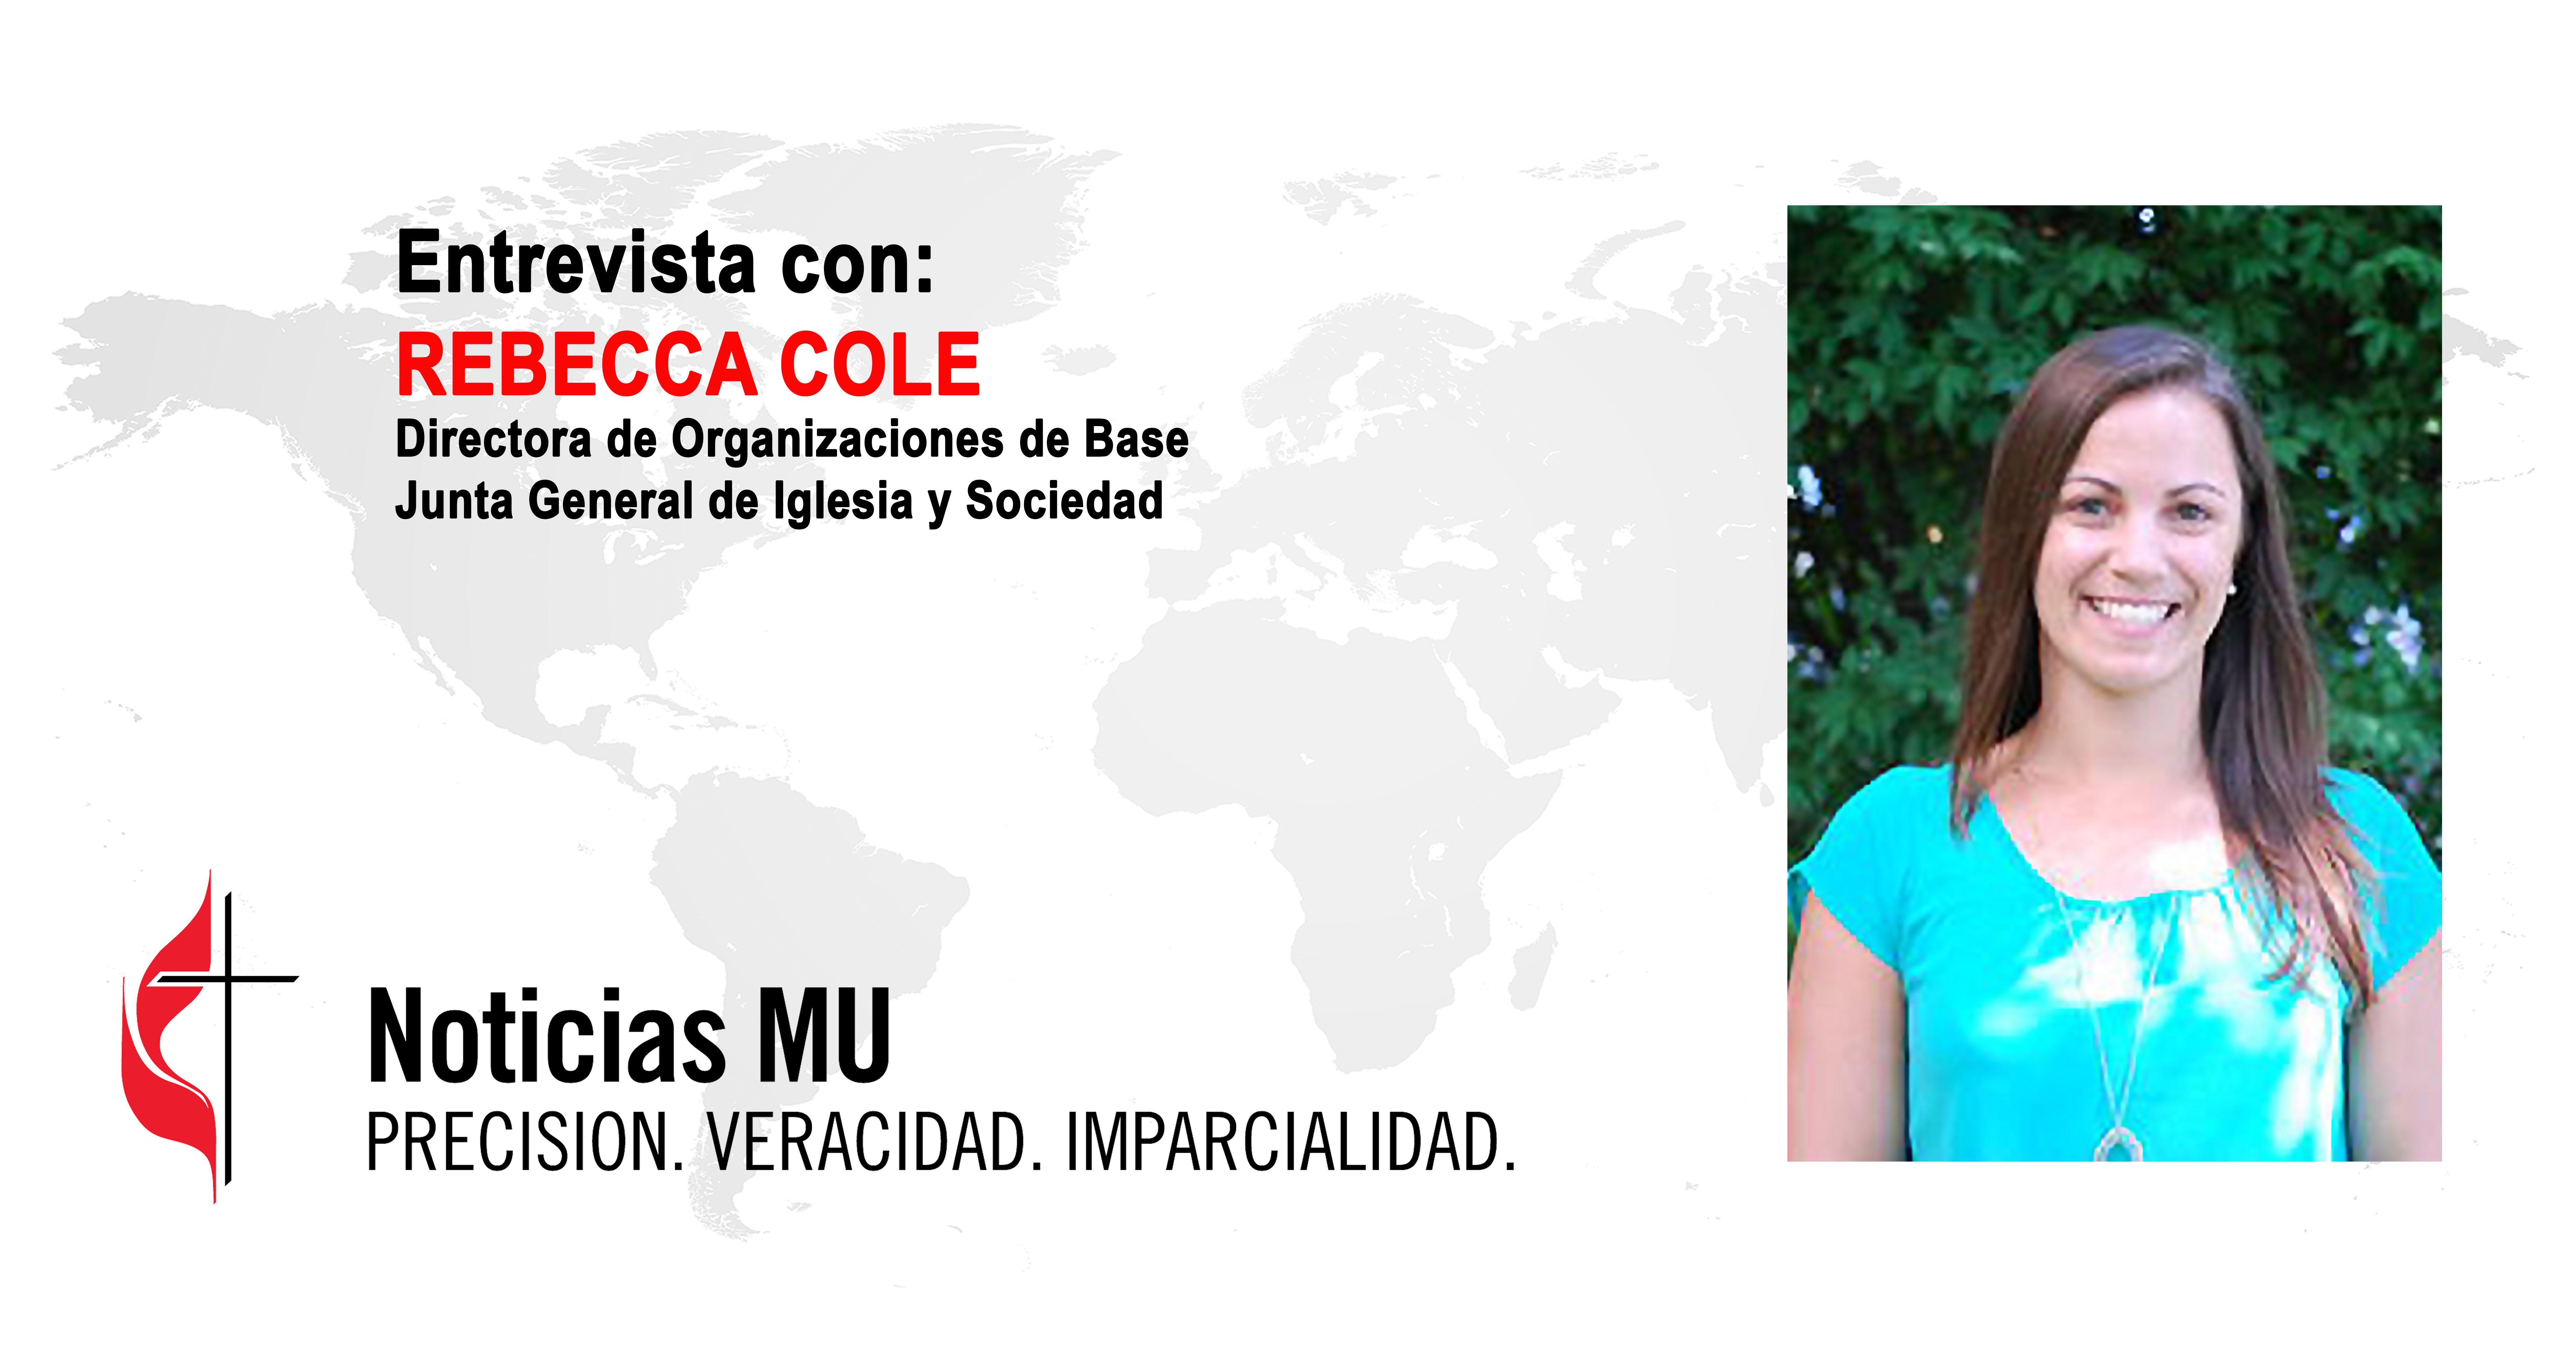 Rebecca Cole, es una joven líder de origen cubano-estadounidense que coordina la promoción de las relaciones de La Iglesia Metodista Unida con organizaciones sociales de base. Fotocomposición Rev. gustavo Vasquez, Noticias MU.